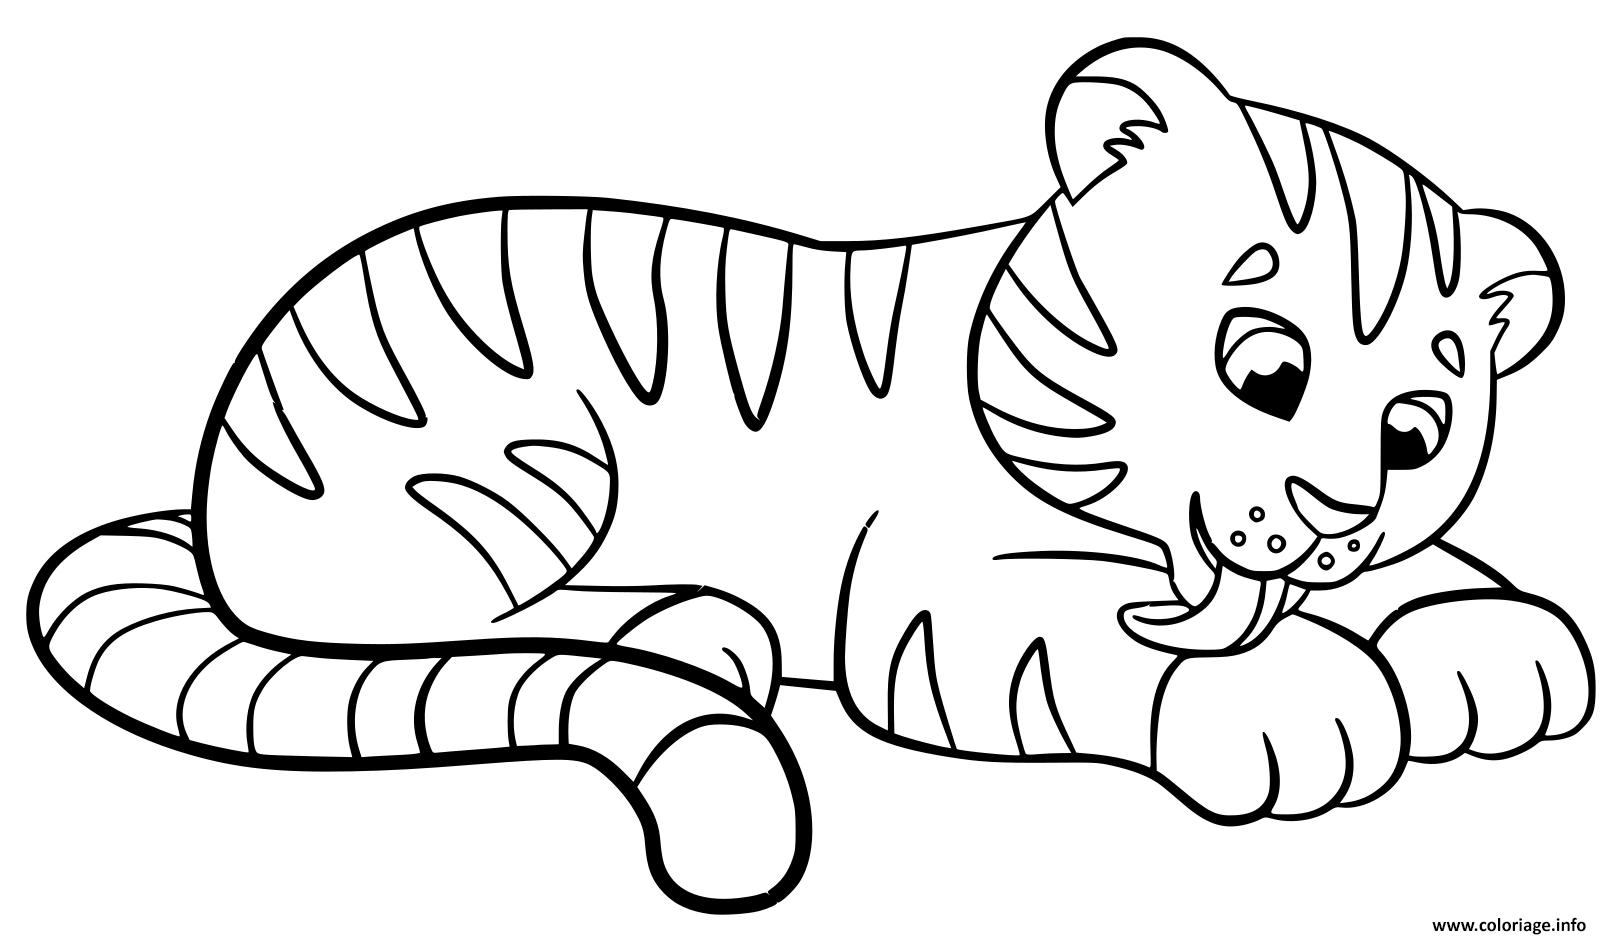 Coloriage Bebe Tigre Mignon Kawaii Dessin Tigre A Imprimer